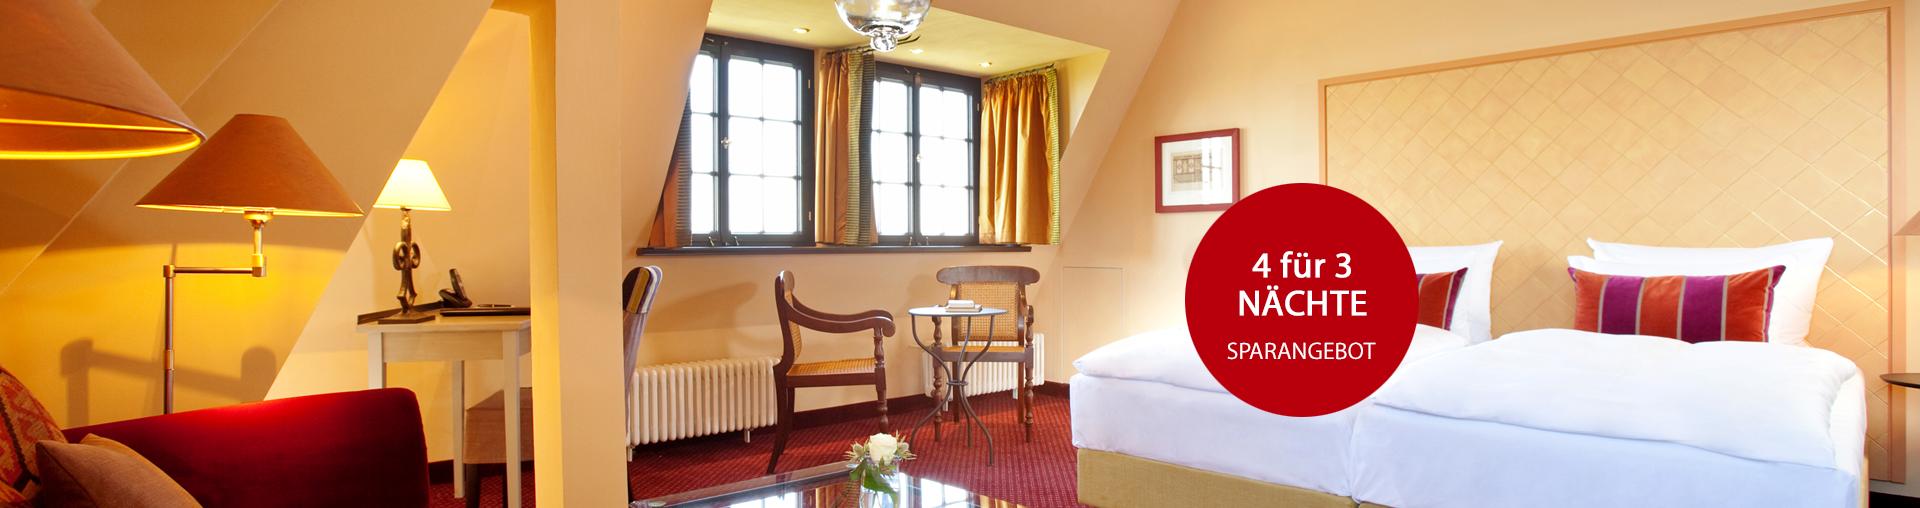 Header Sparangebot Wartburg Hotel Eisenach